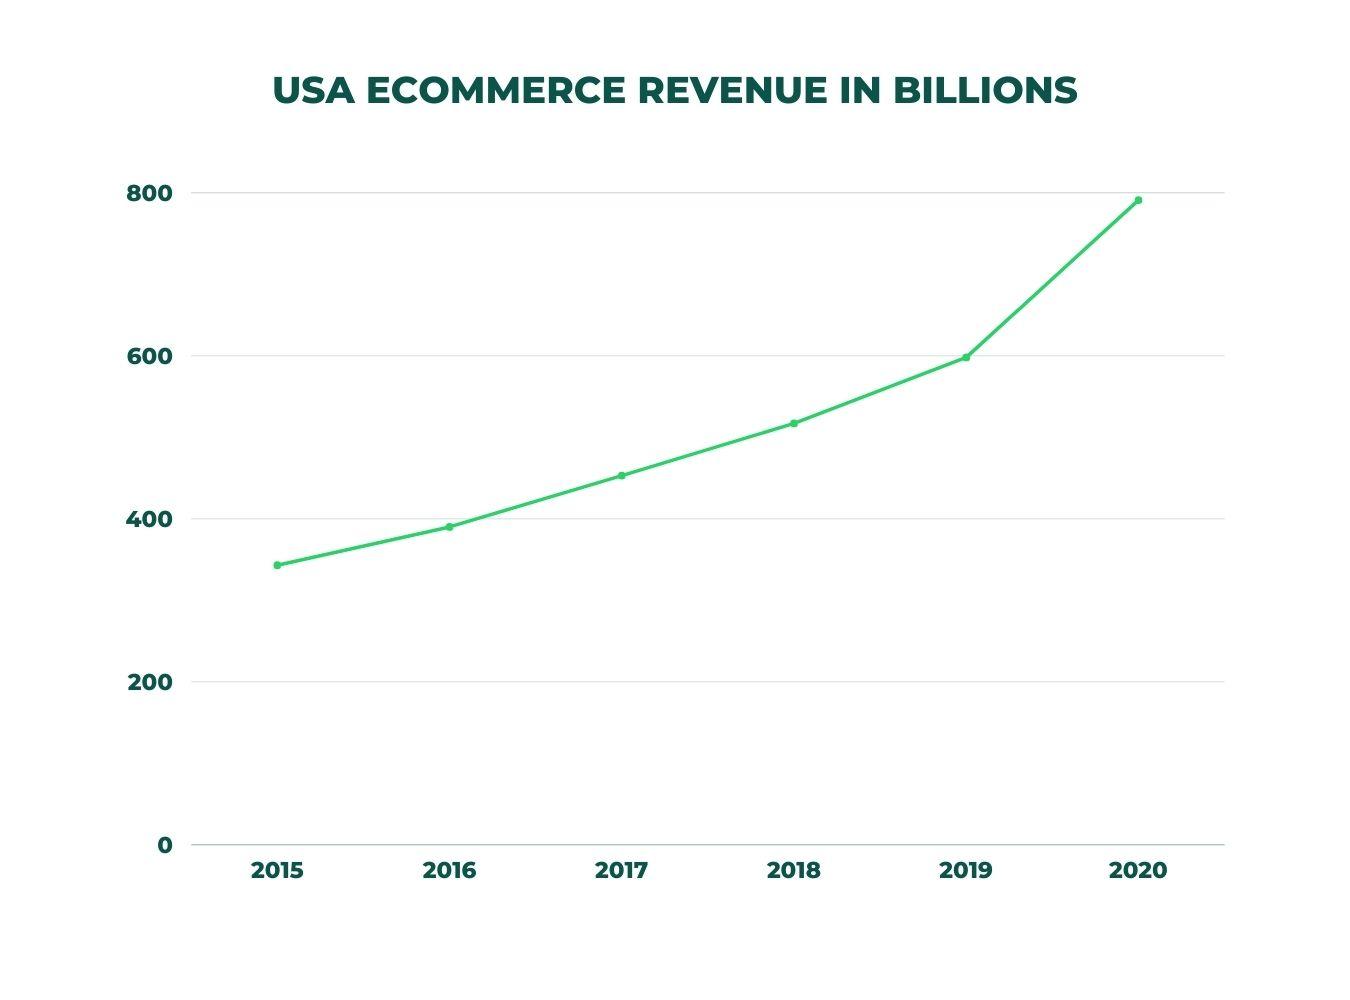 US e-commerce revenue graph